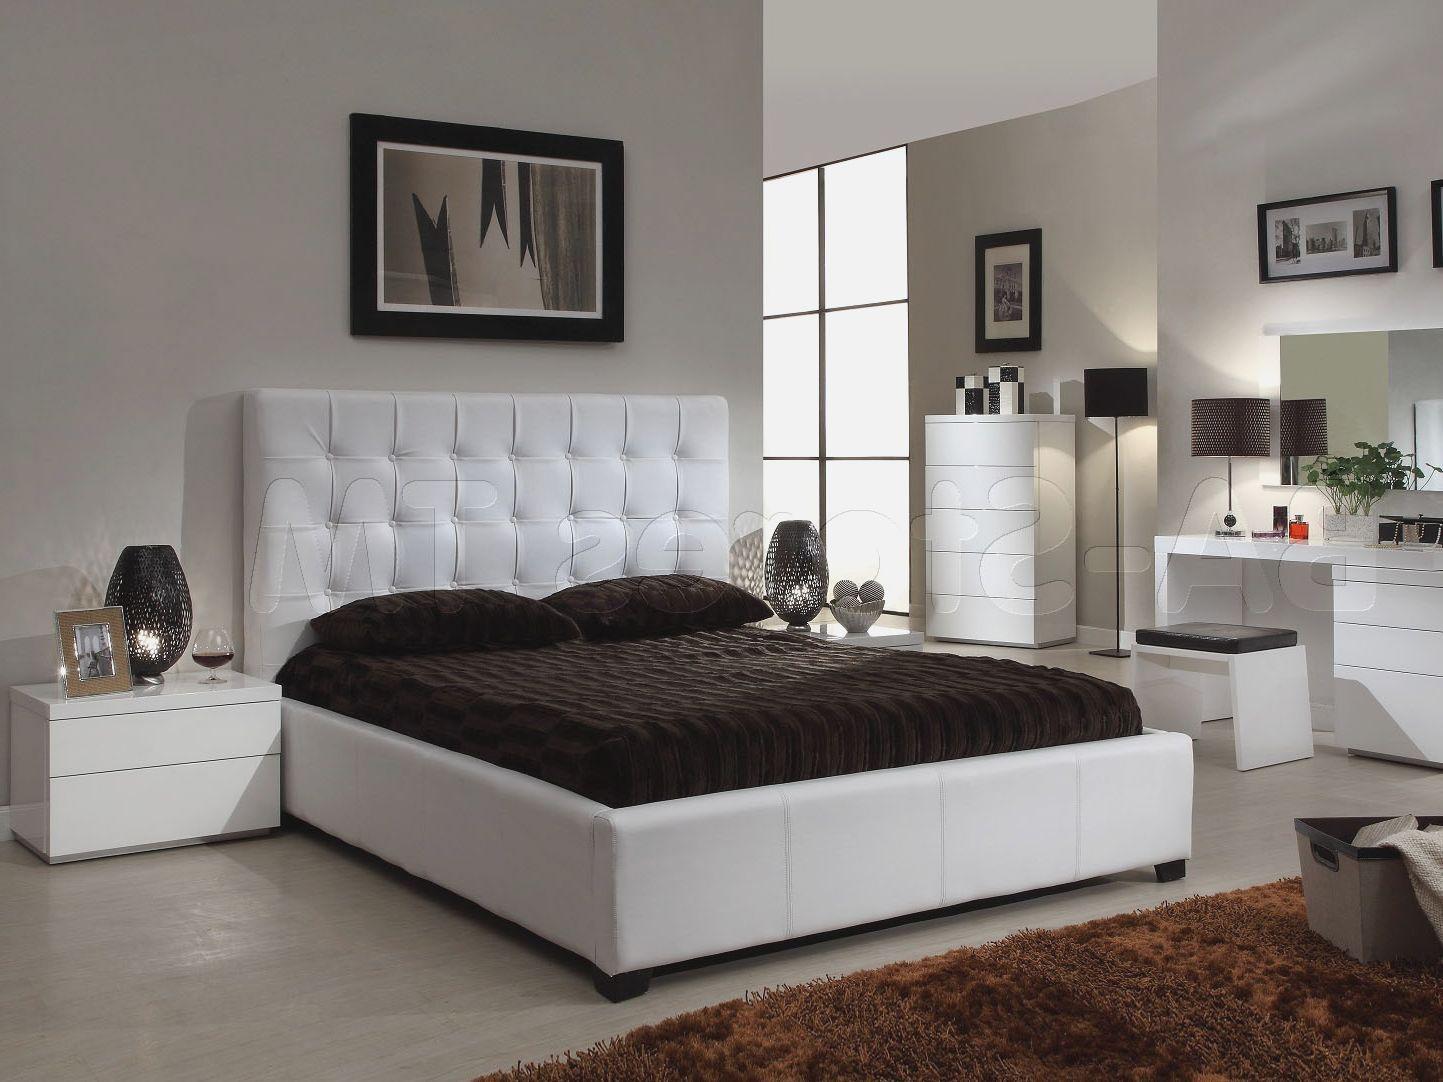 Off White Bedroom Furniture Sets Bedroom Sets Off White More Picture Bedroom Sets Off White Please